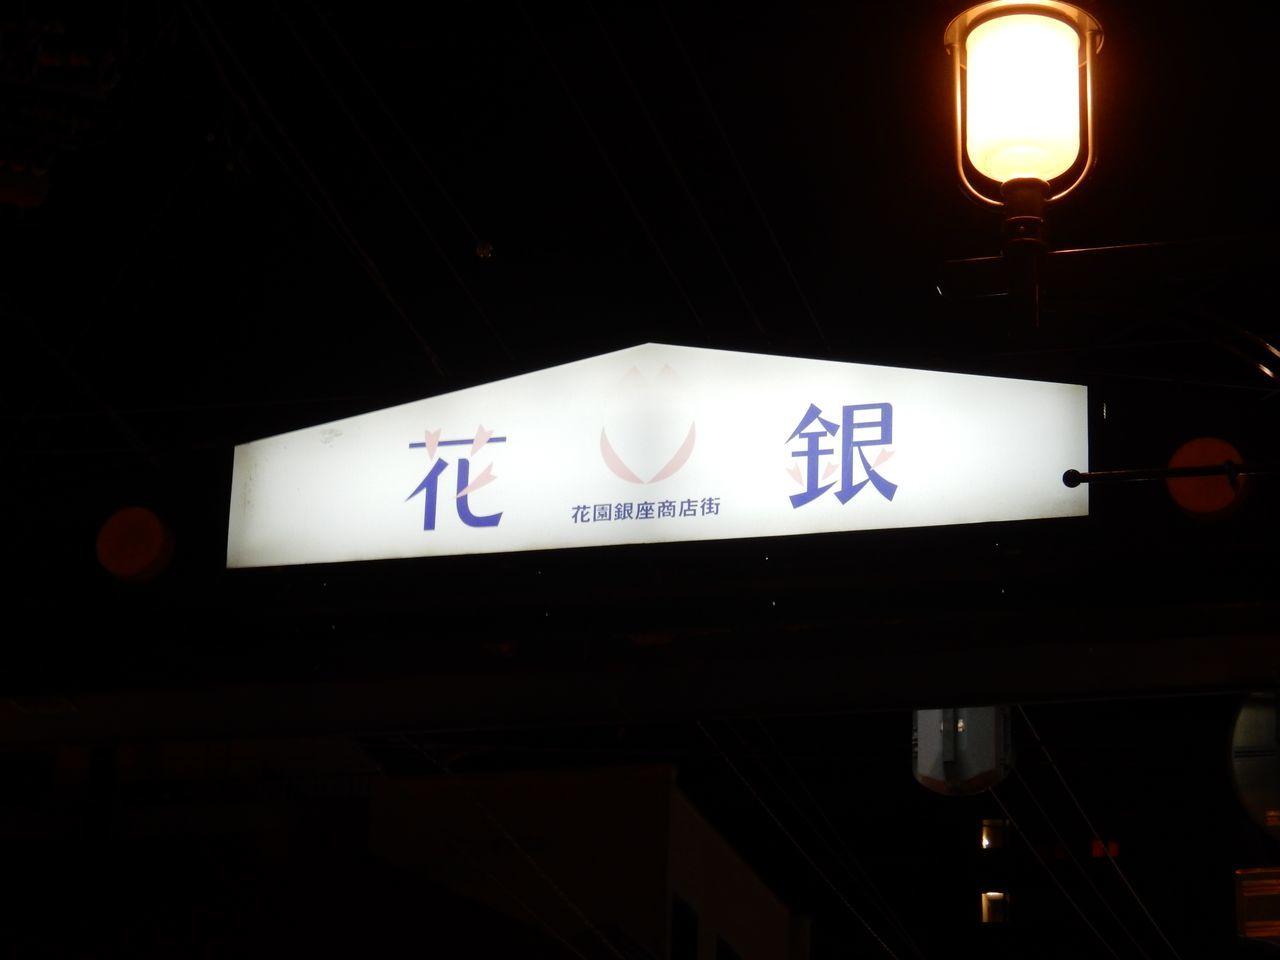 今日は北大、昨日は小樽_c0025115_21121304.jpg